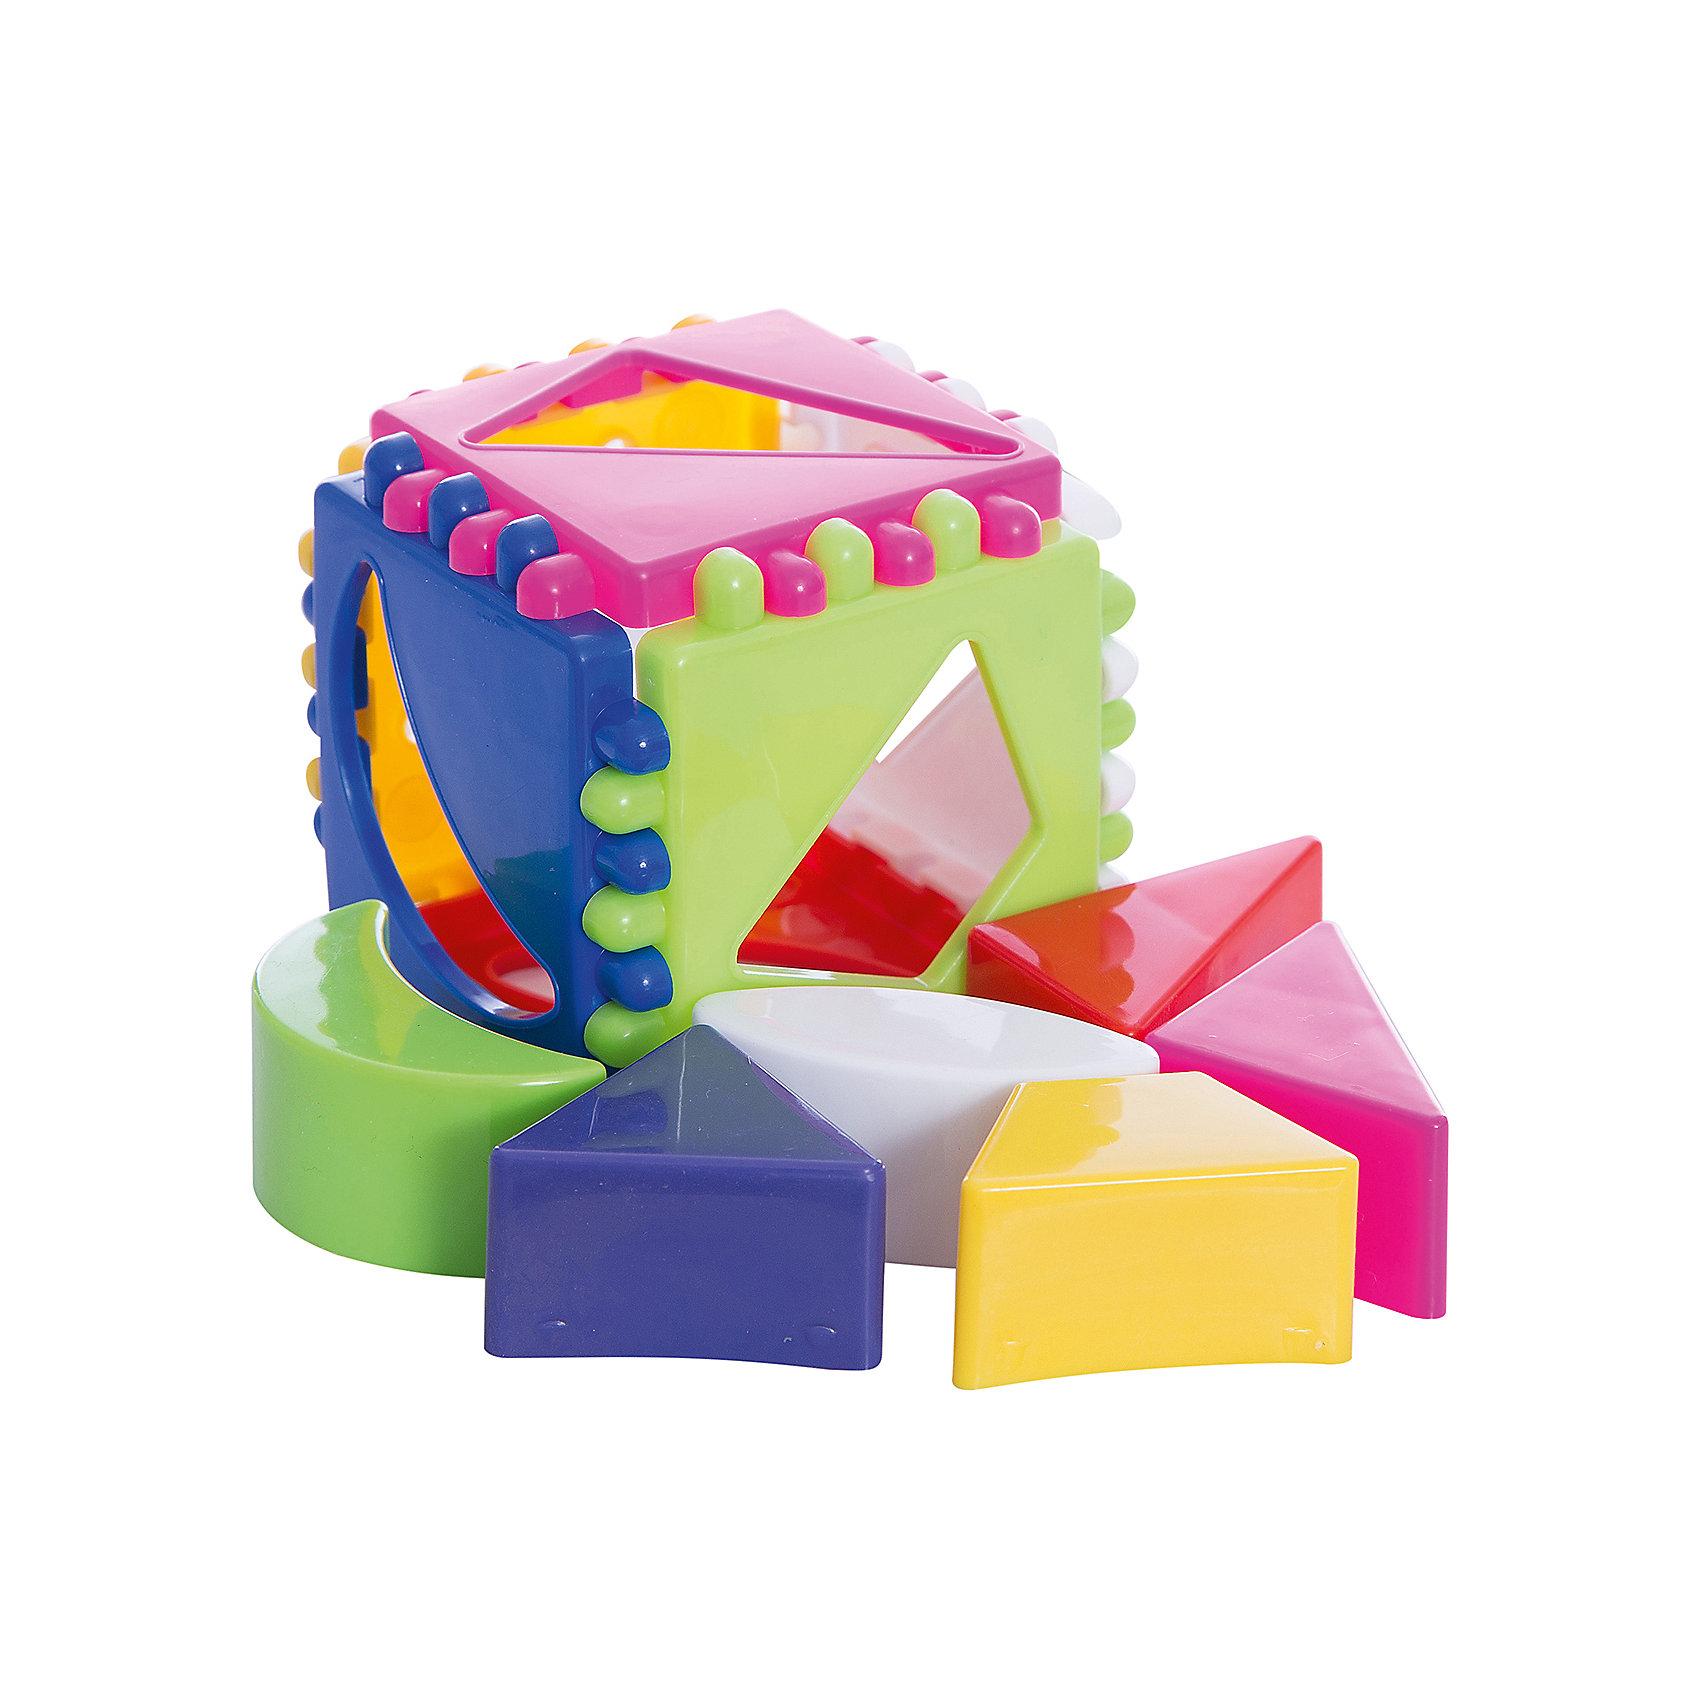 Логический кубик малый, StellarХарактеристики товара:<br><br>- цвет: разноцветный;<br>- материал: пластик;<br>- возраст: от 1 года;<br>- размер: 8х8х8 см;<br>- размер одной пластины: 8х8 см.<br><br>Этот яркий куб будет помогать всестороннему развитию малыша и занимать его. Этот набор предназначен для формирования разных навыков, он помогает развить тактильное восприятие, мелкую моторику, воображение, цветовосприятие, внимание и логику. Также куб дополнен сортером - с его помощью малыш научится соотносить формы.<br>Изделие выполнено в ярких цветах, привлекающих внимание малыша. С такой игрушкой детям очень нравится проводить время! Изделие произведено из качественных материалов, безопасных для ребенка.<br><br>Логический кубик малый от бренда Stellar можно купить в нашем интернет-магазине.<br><br>Ширина мм: 80<br>Глубина мм: 80<br>Высота мм: 80<br>Вес г: 90<br>Возраст от месяцев: 12<br>Возраст до месяцев: 2147483647<br>Пол: Унисекс<br>Возраст: Детский<br>SKU: 5079943